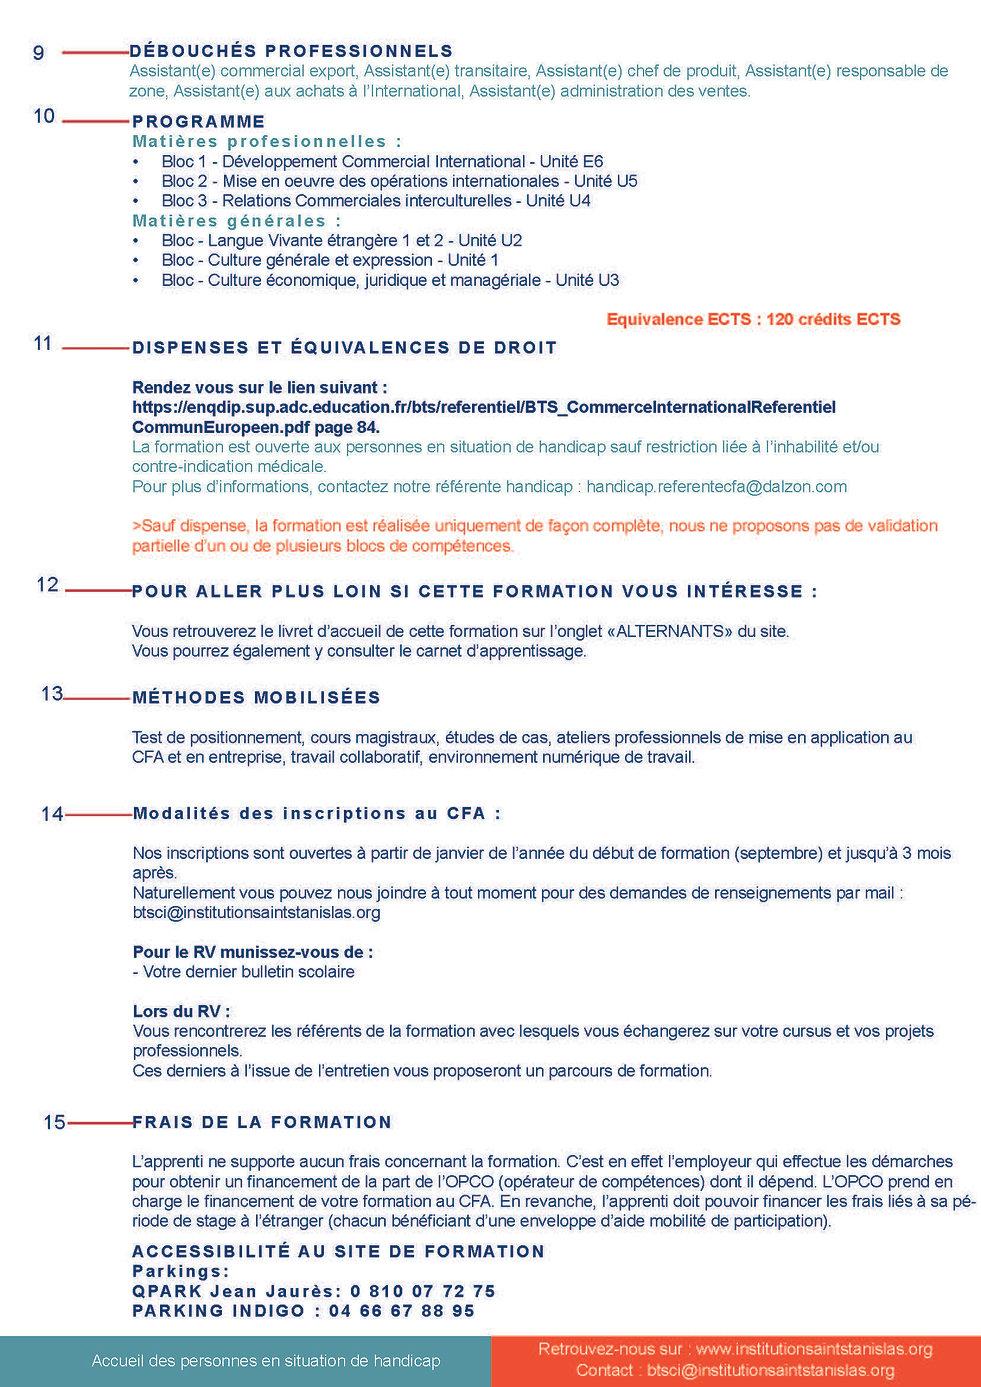 BTS fiche formation 1706_Page_2.jpg